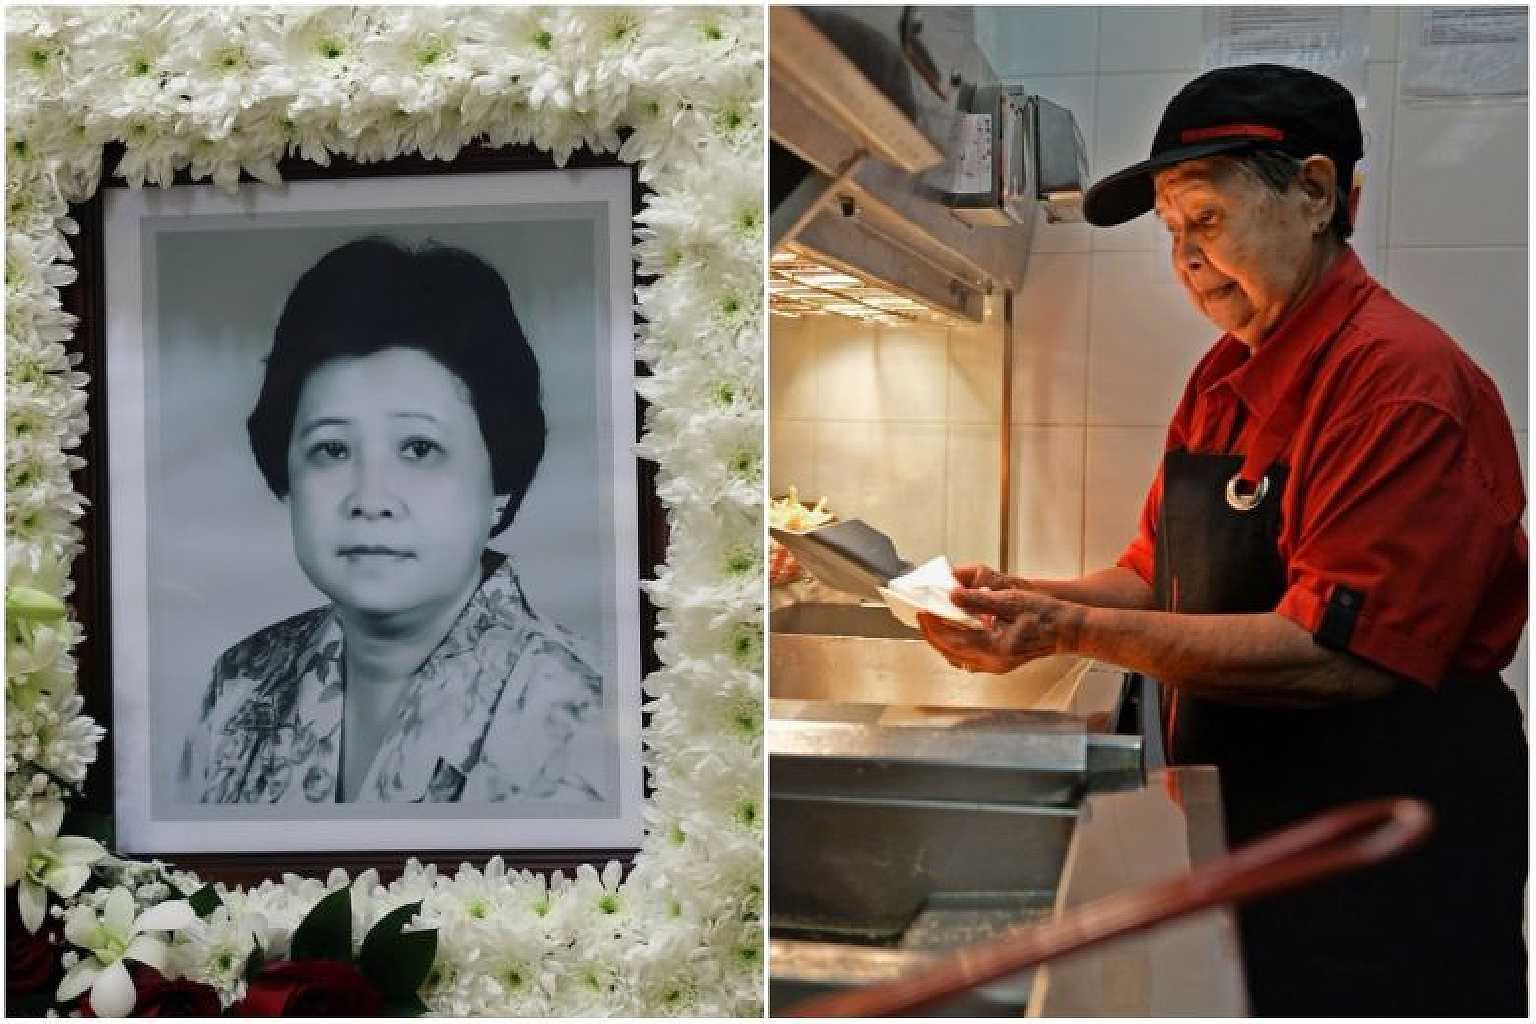 「我不用靠子女養」70 歲應徵麥當勞最老員工 阿嬤工作到「人生最後一刻」離開 – 爆笑博客